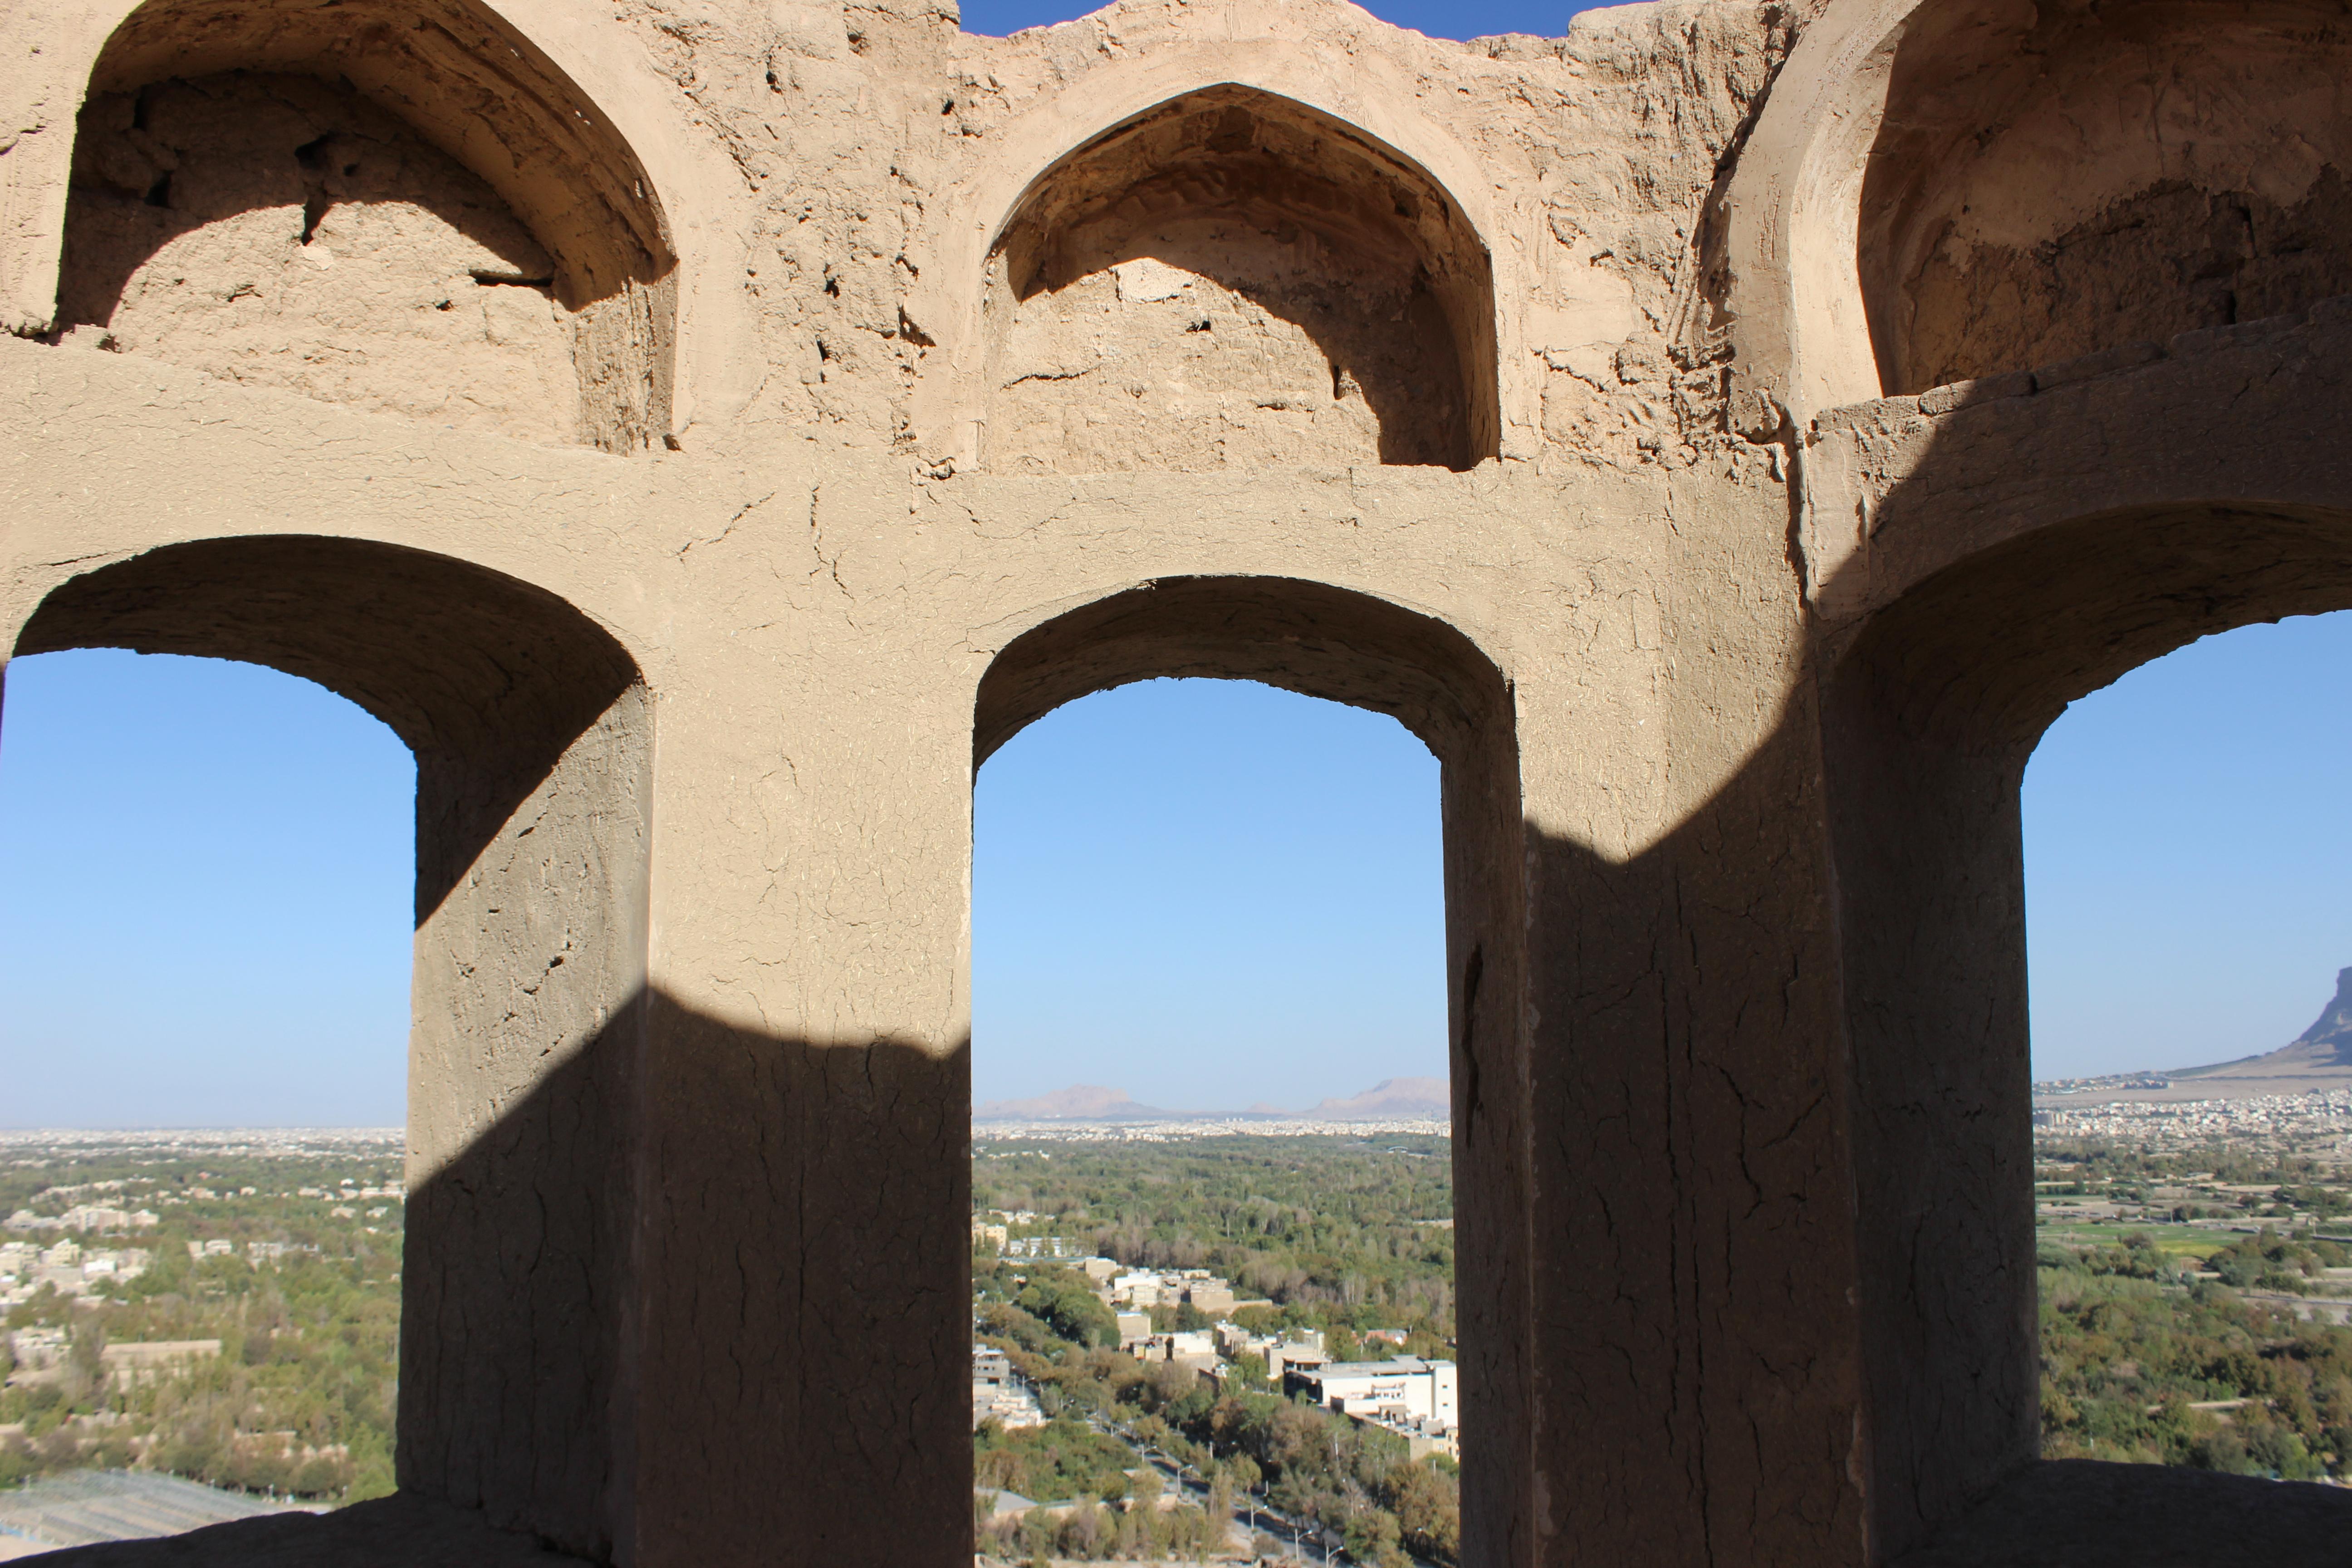 Ateshkadeh-ye Isfahan 1